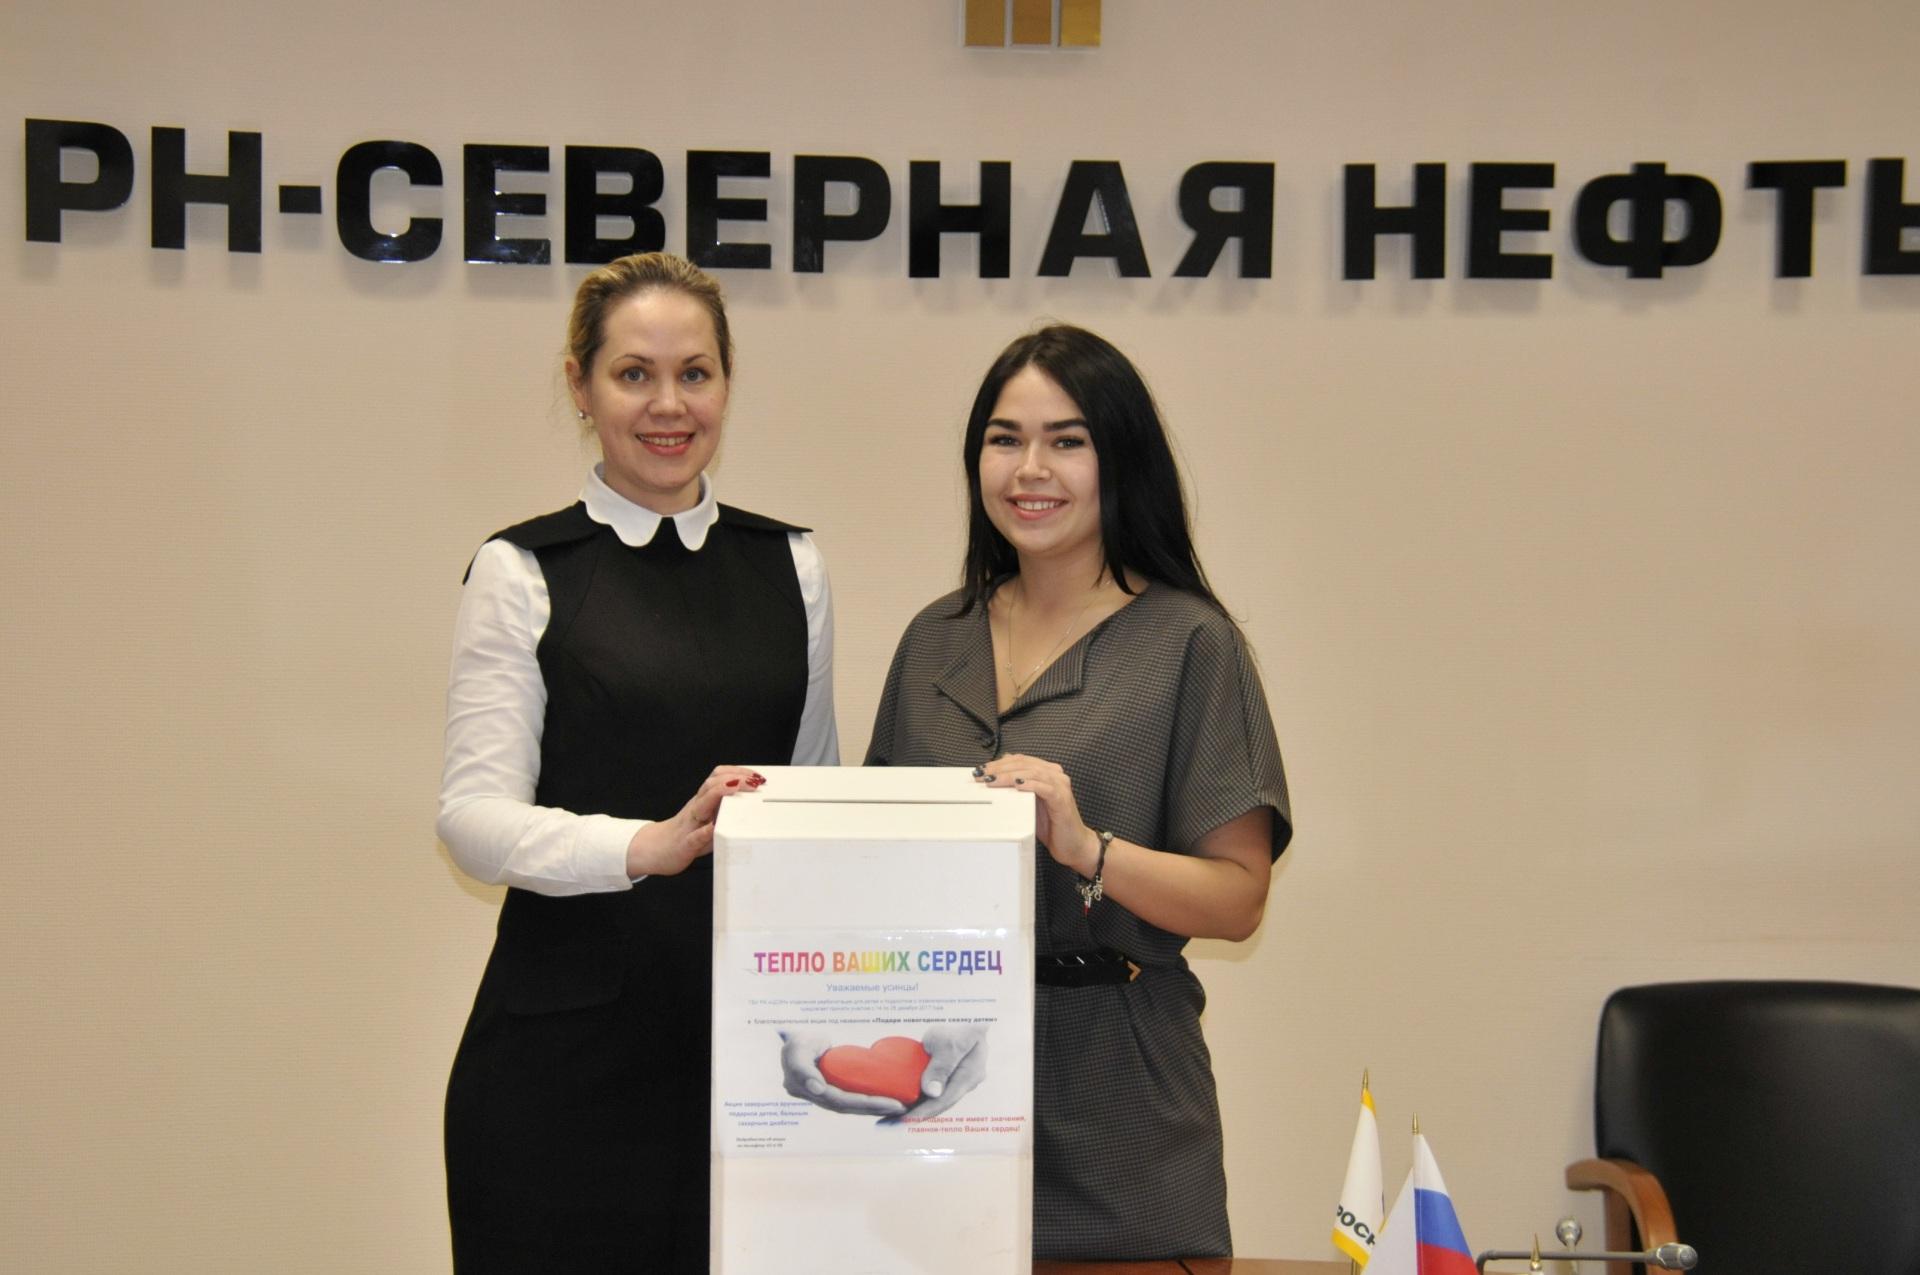 Bereginya---vskrytie-yaschikov-v-ofise.jpg